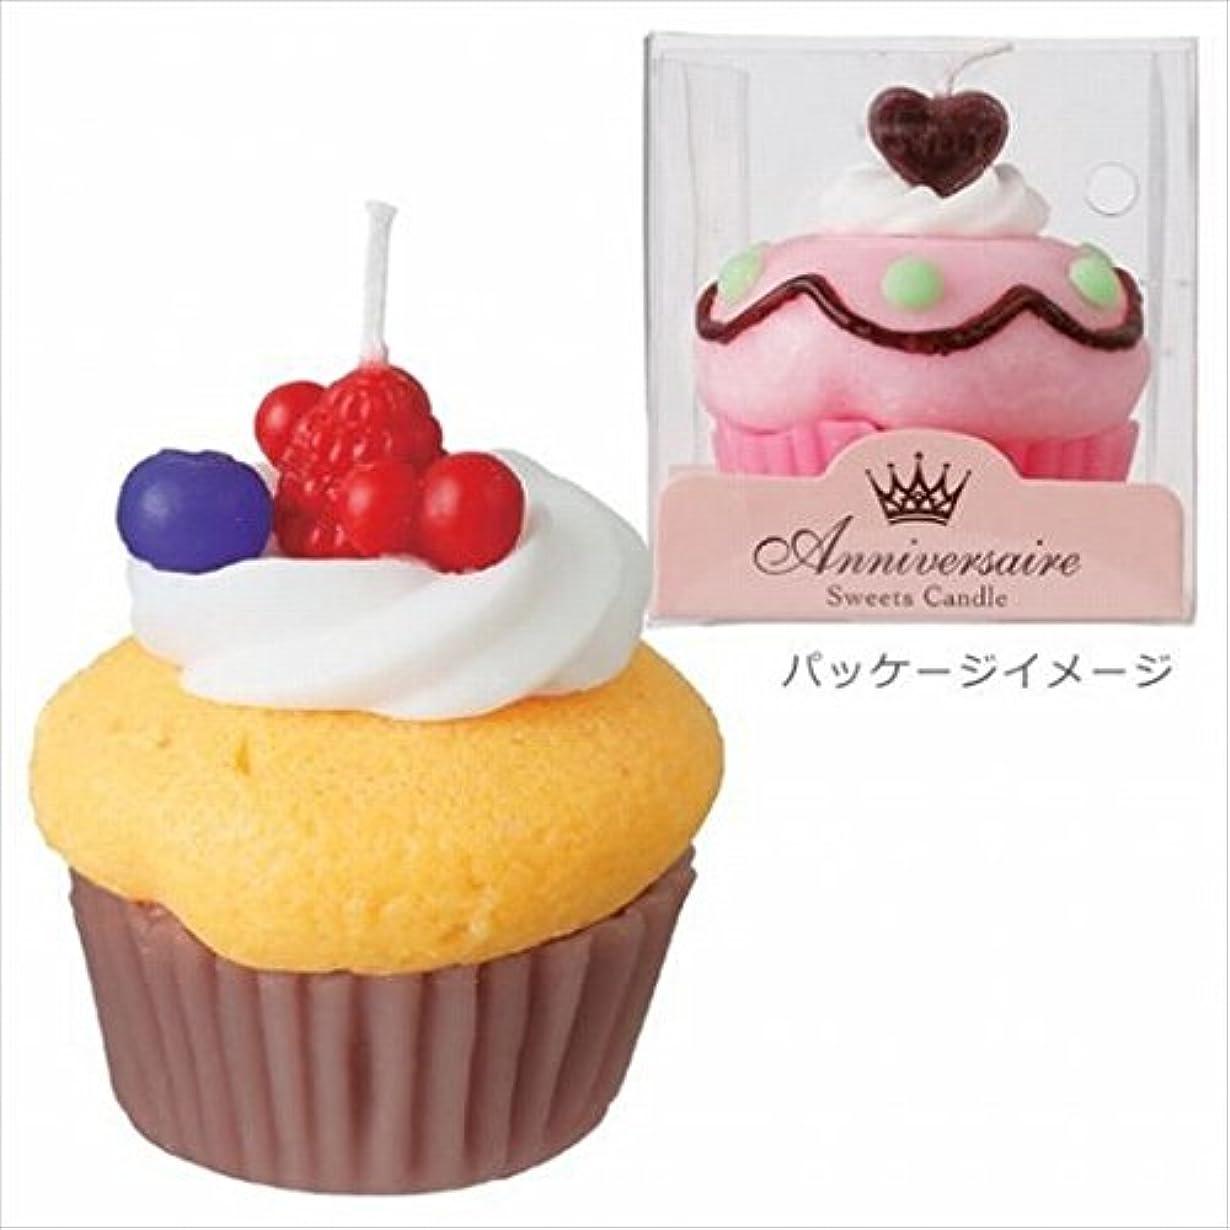 大通り常習者休日にカメヤマキャンドル( kameyama candle ) カップケーキキャンドル 「 マンゴーカップケーキ 」